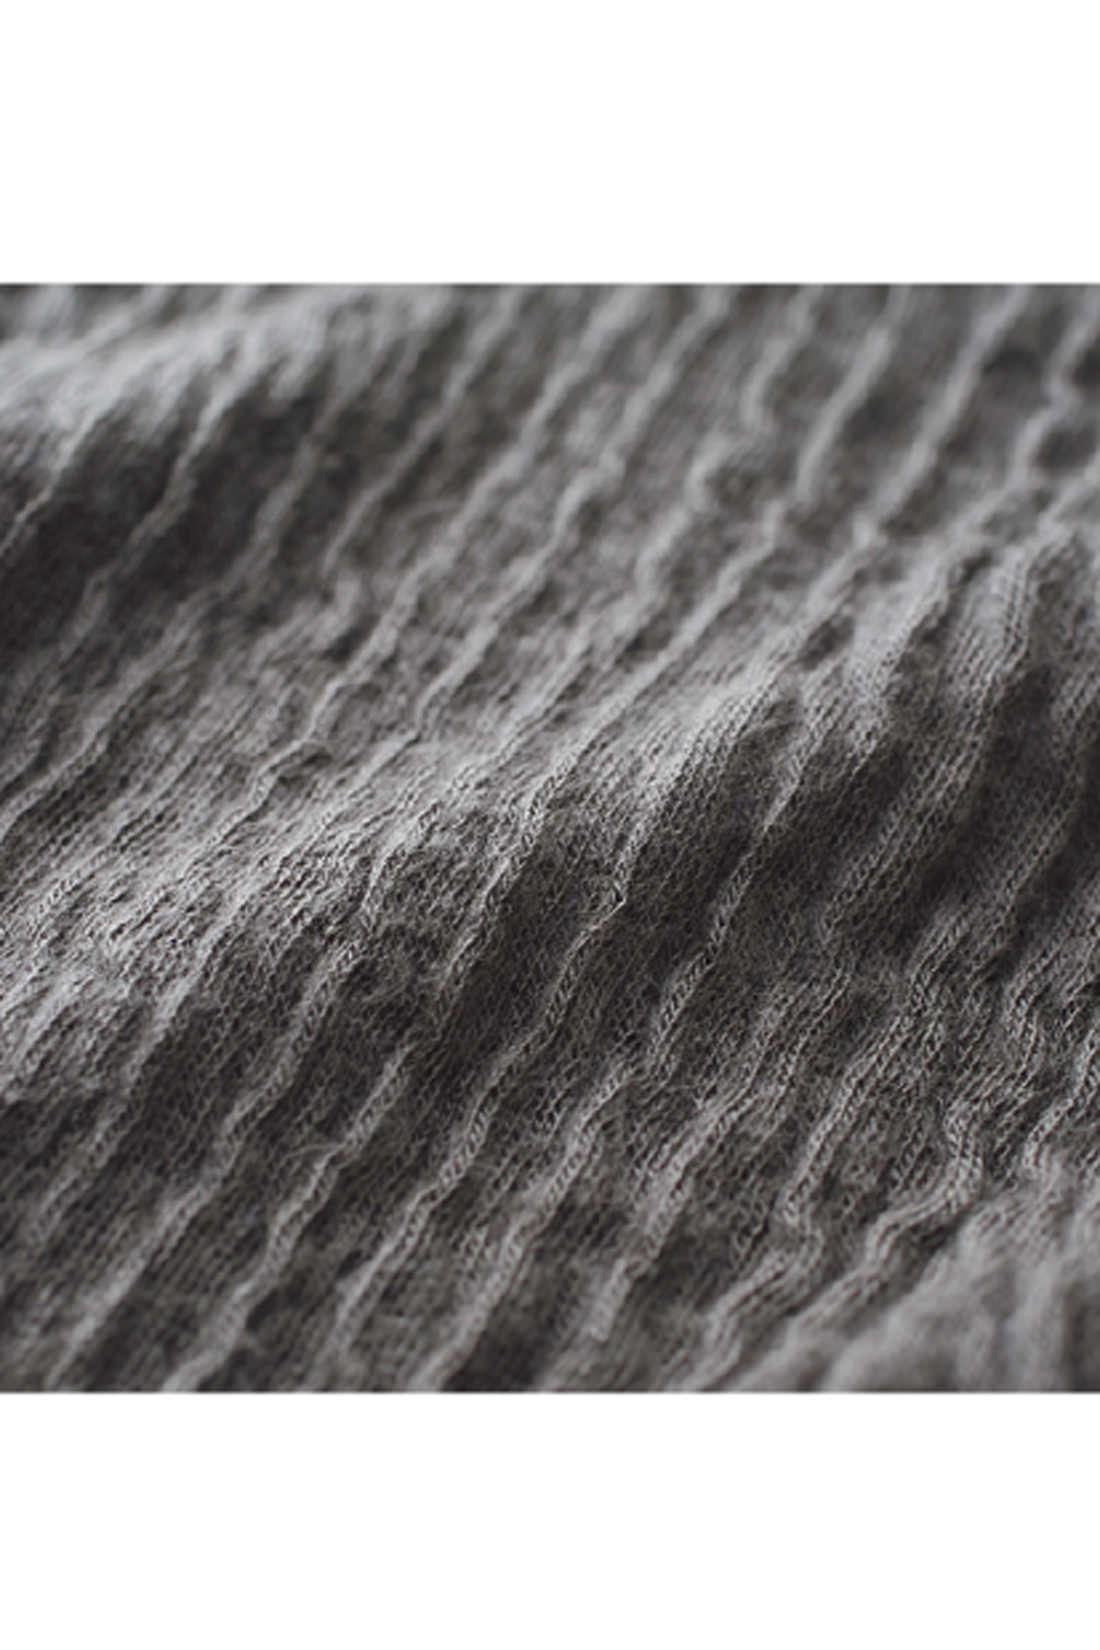 〈外側〉しぼ感のあるリップル素材が空気の層をつくります。